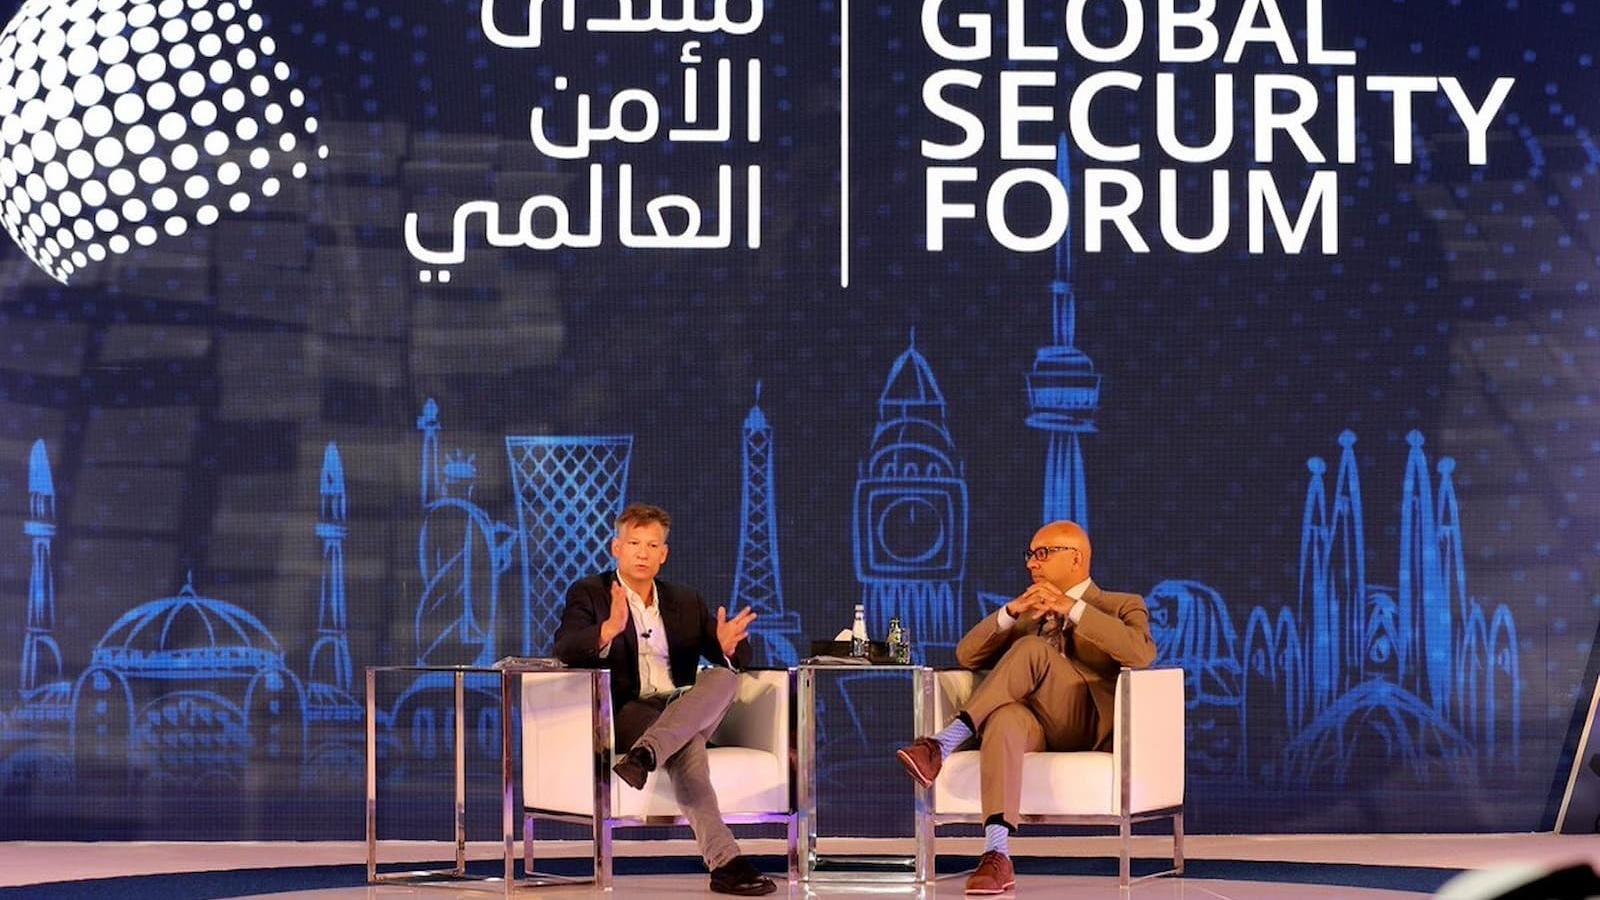 Global Security Forum underway in Doha